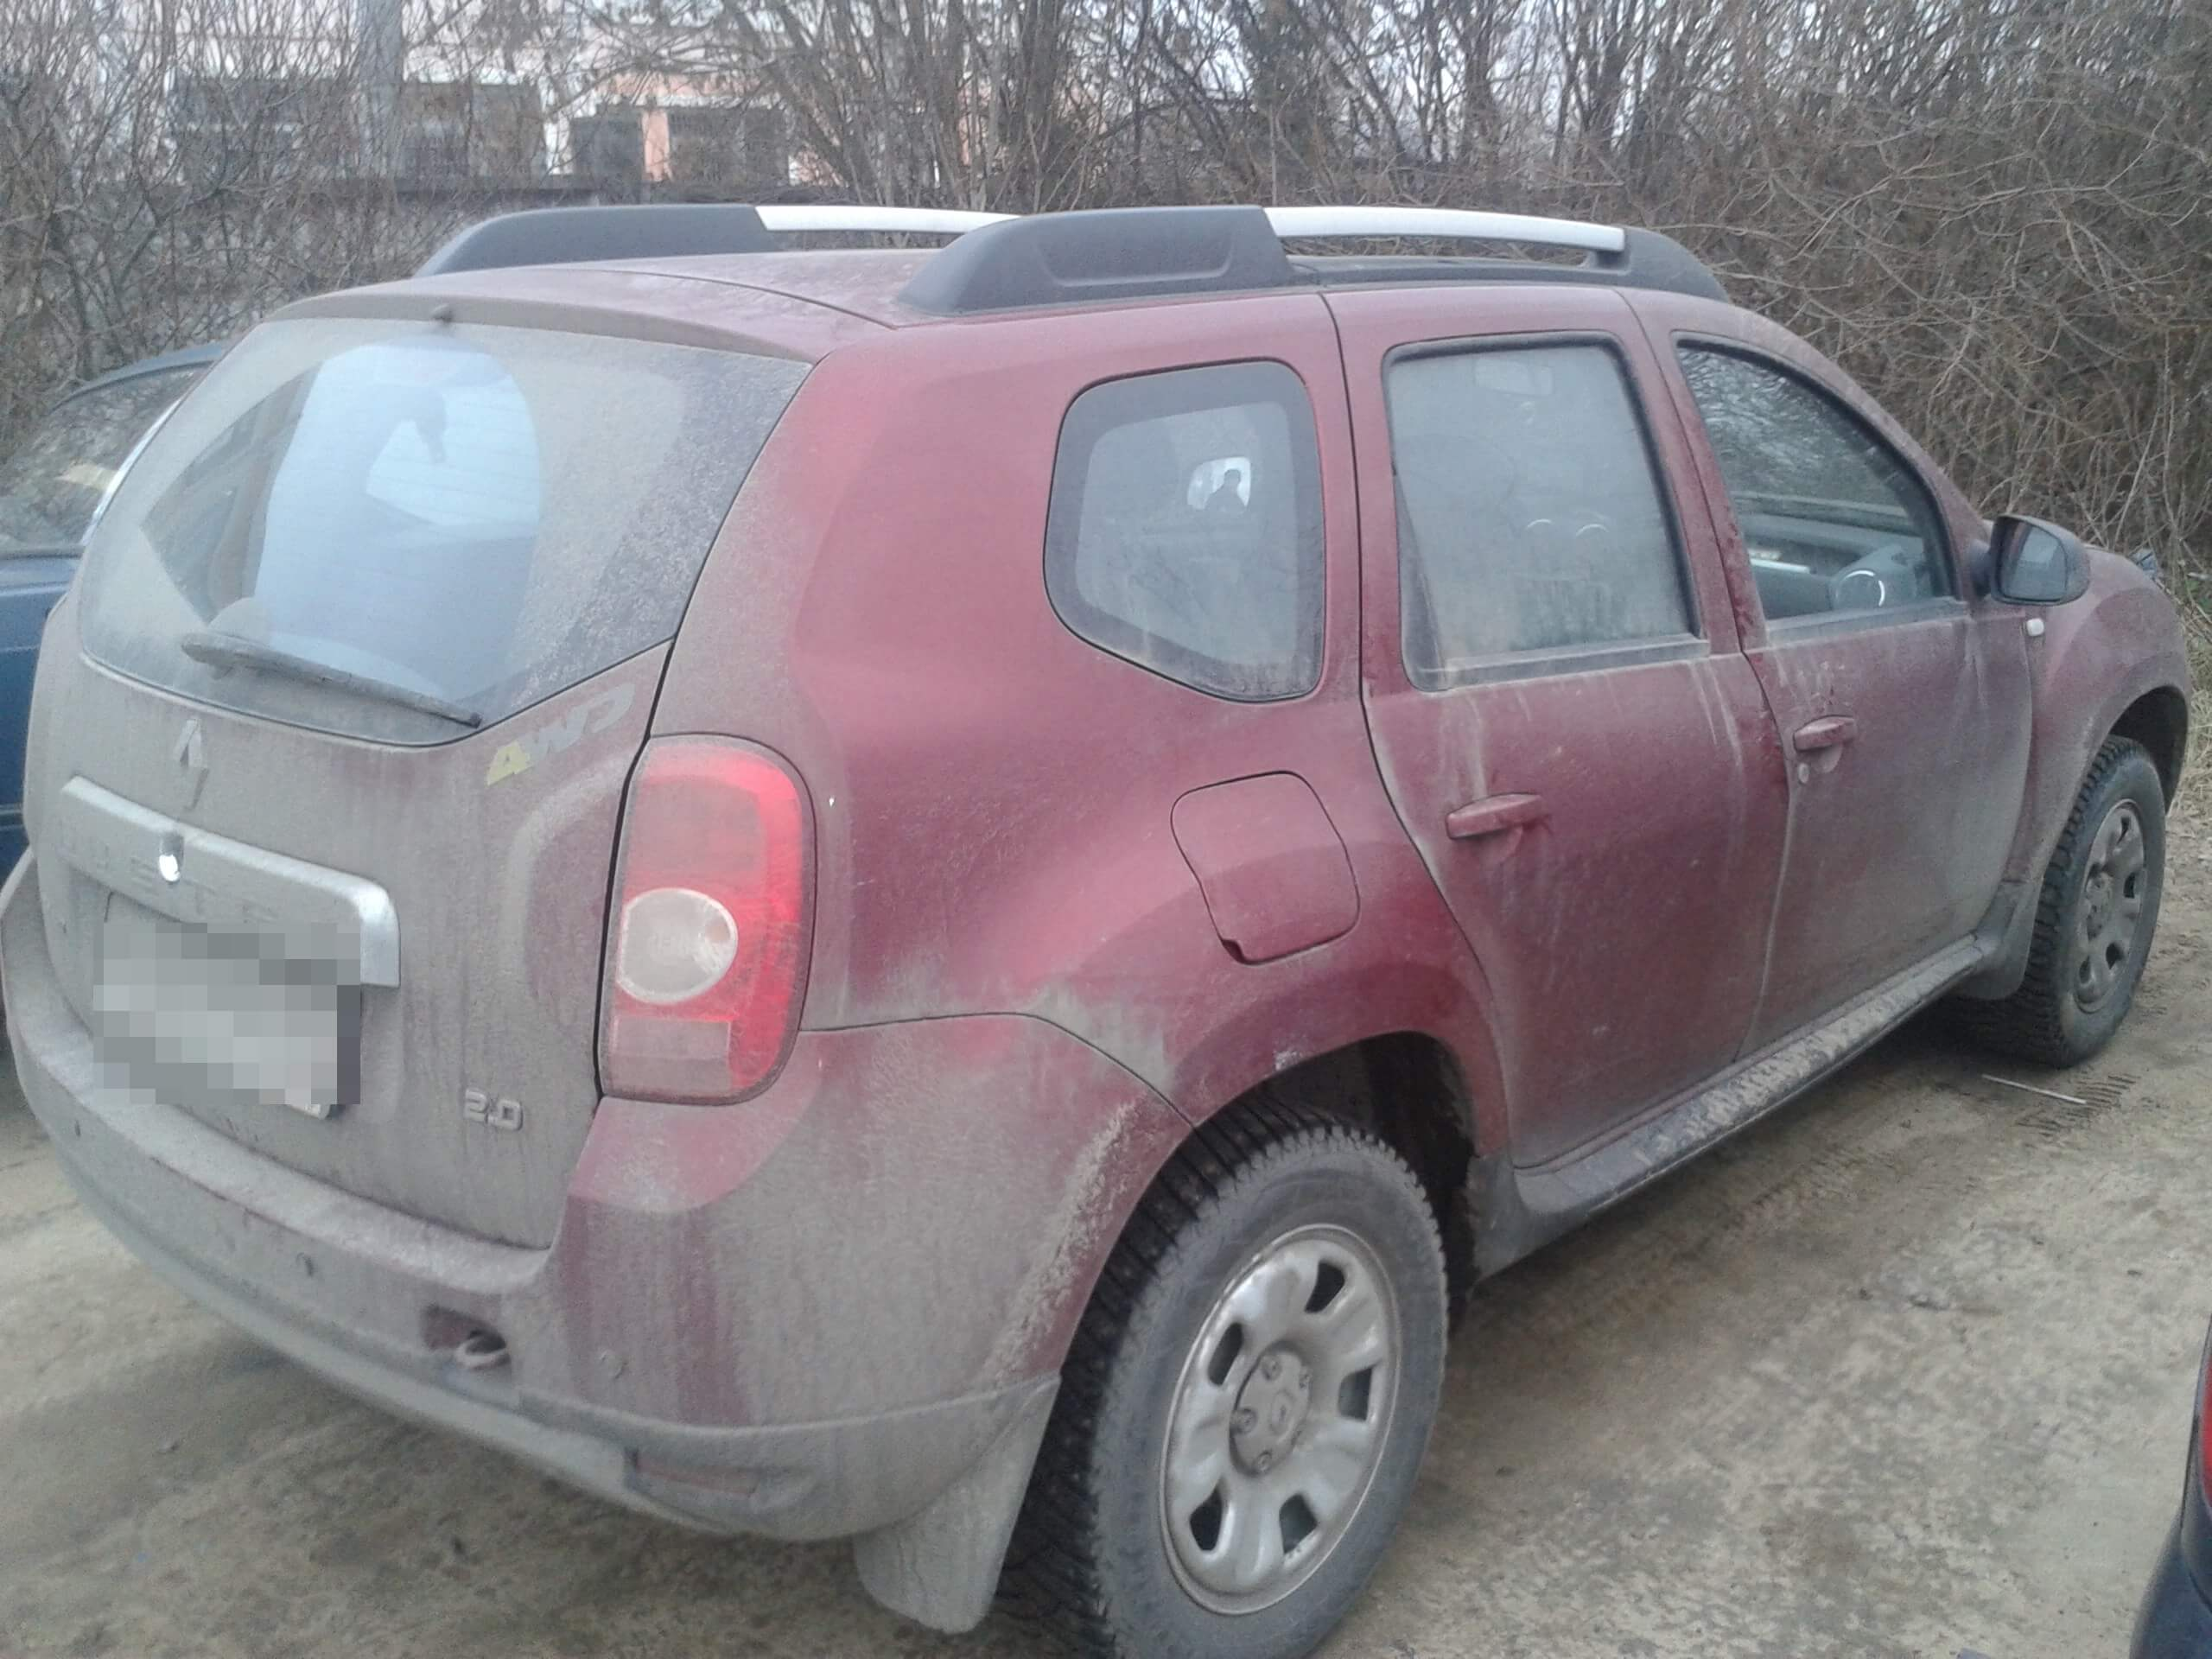 Сотрудники ГИБДД задержали в Твери автомобиль-двойник